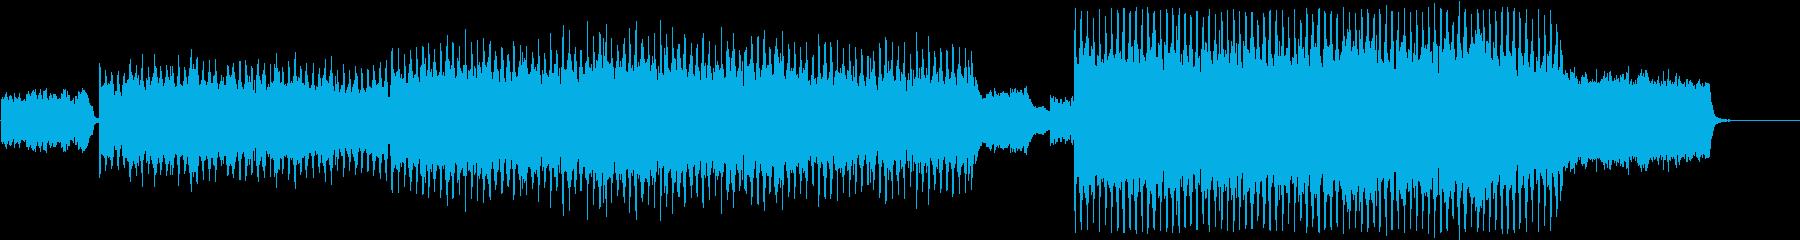 爽やか、感動系美しいピアノとストリングスの再生済みの波形